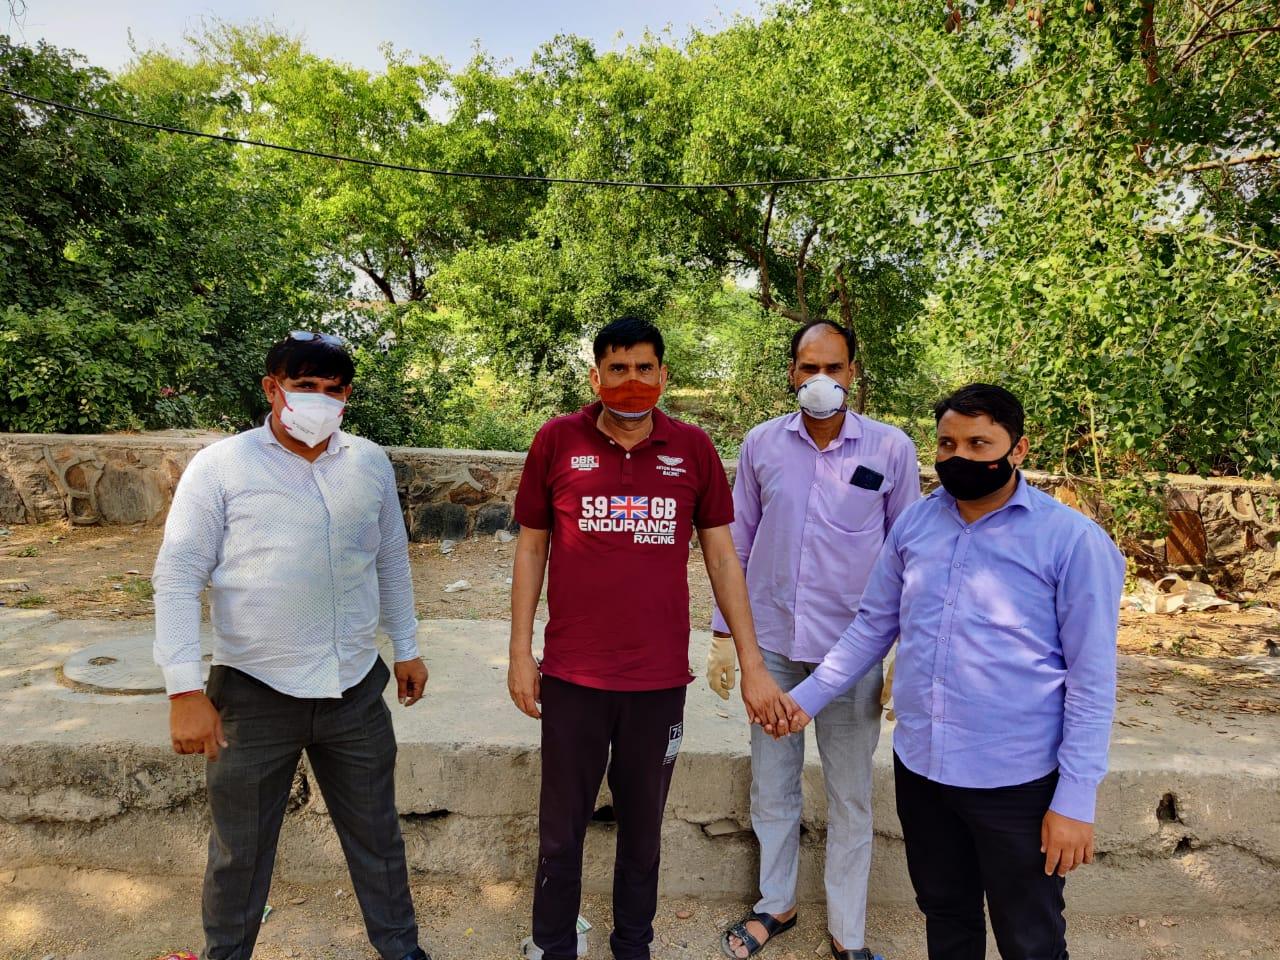 सीआरपीएफ की नौकरी छोड़ बन गया हथियार तस्कर, मर्डर के लिए हथियार मुहैया कराया दिल्ली + एनसीआर,Delhi + NCR - Dainik Bhaskar